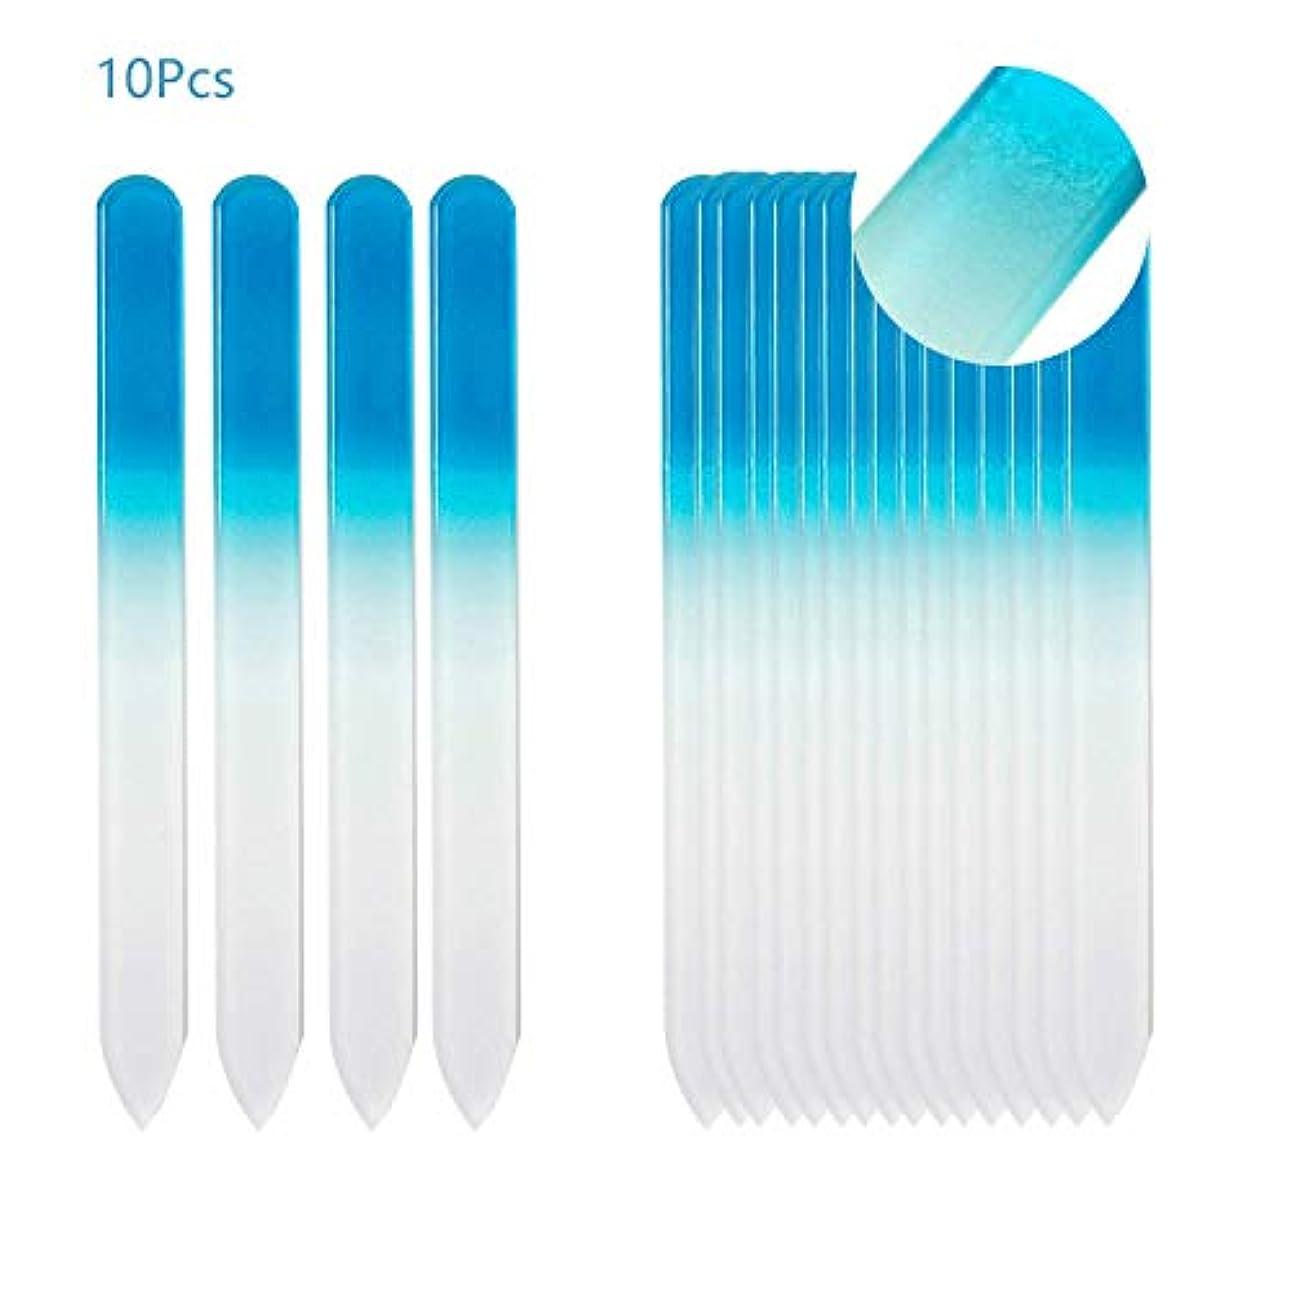 掘るコンプライアンス爪やすり ガラスファイル グラスファイル 何度でも再利用 ネイル用品 ジェルネイル